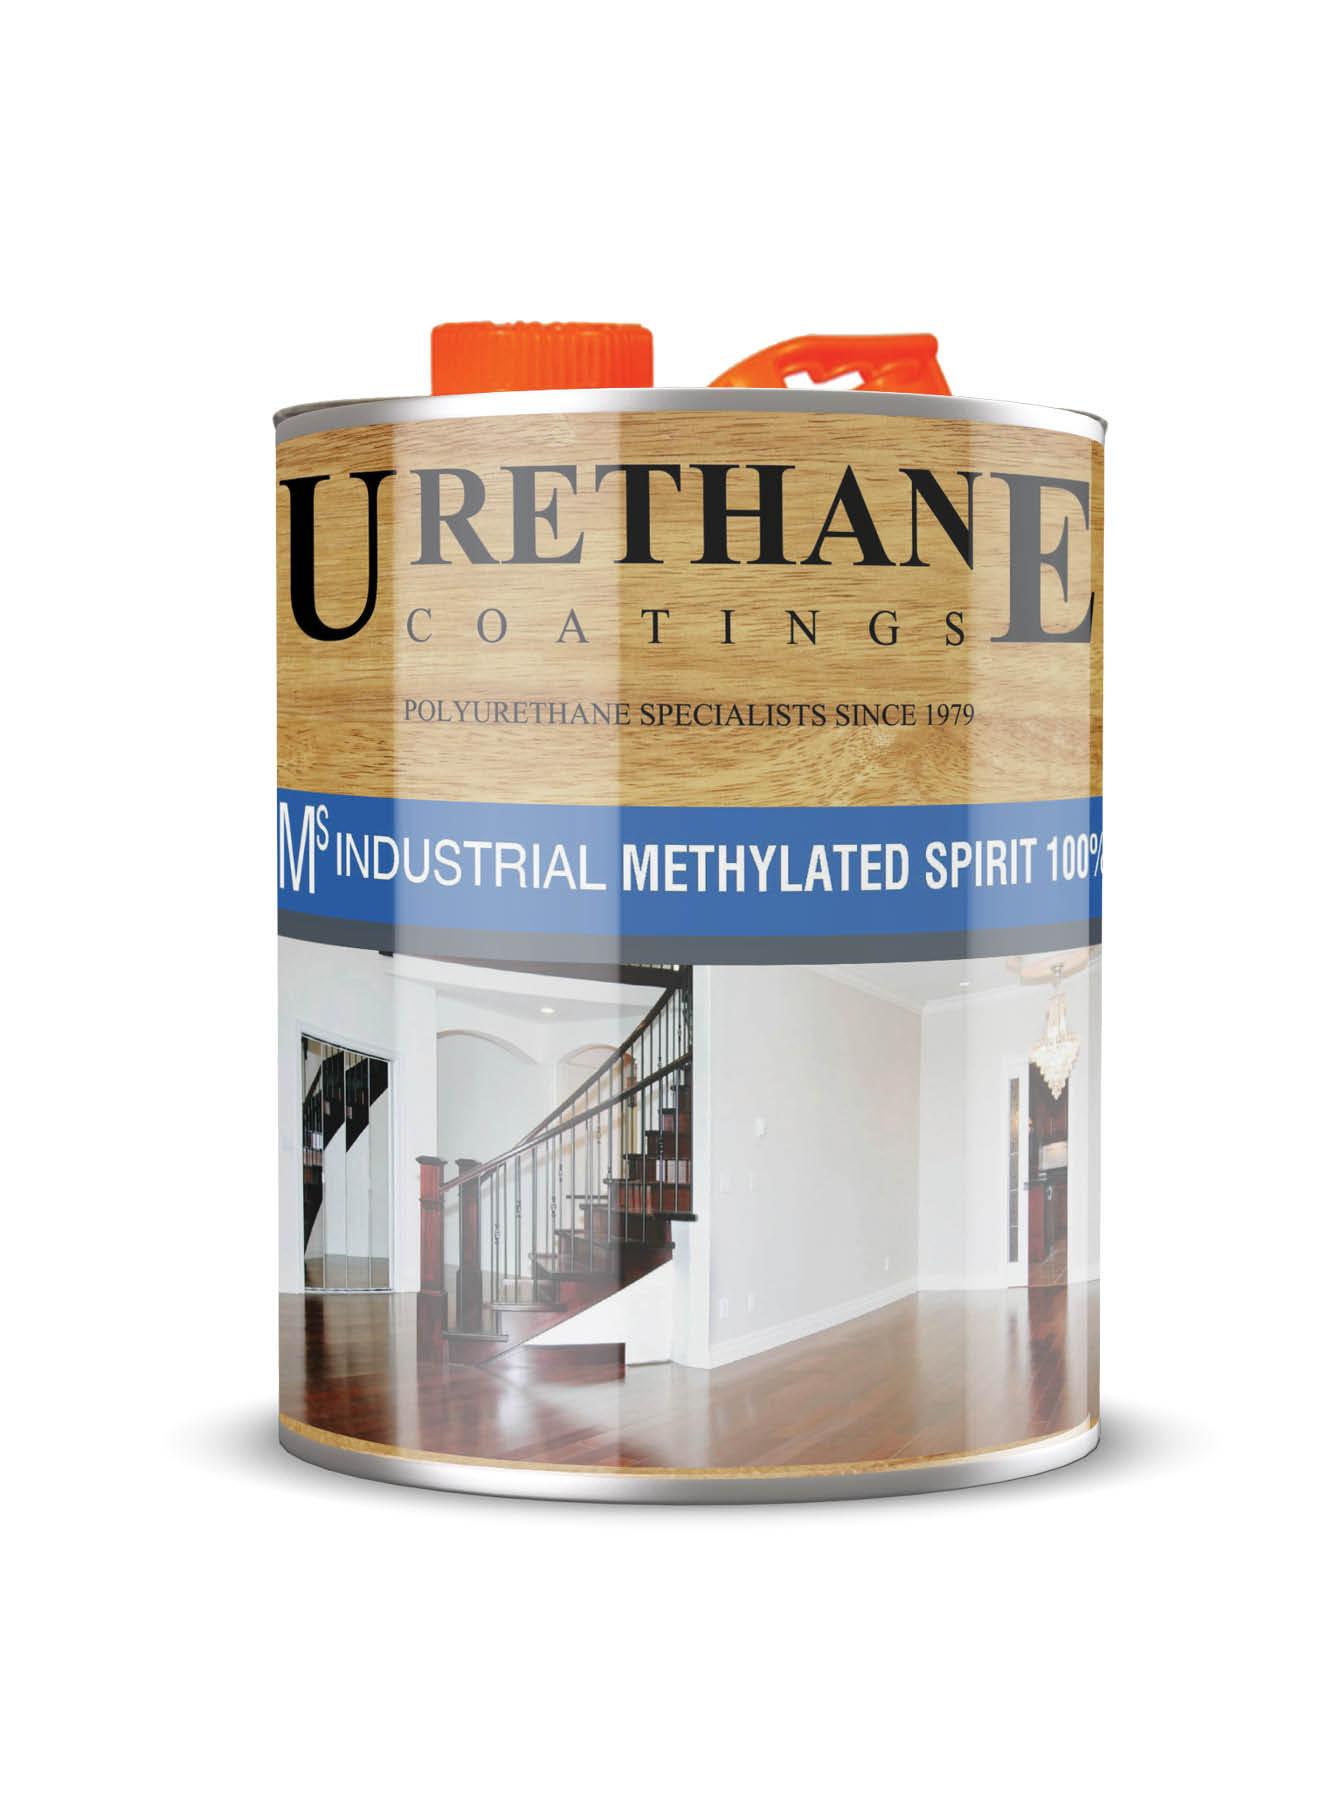 Urethane Coatings Methylated Spirits